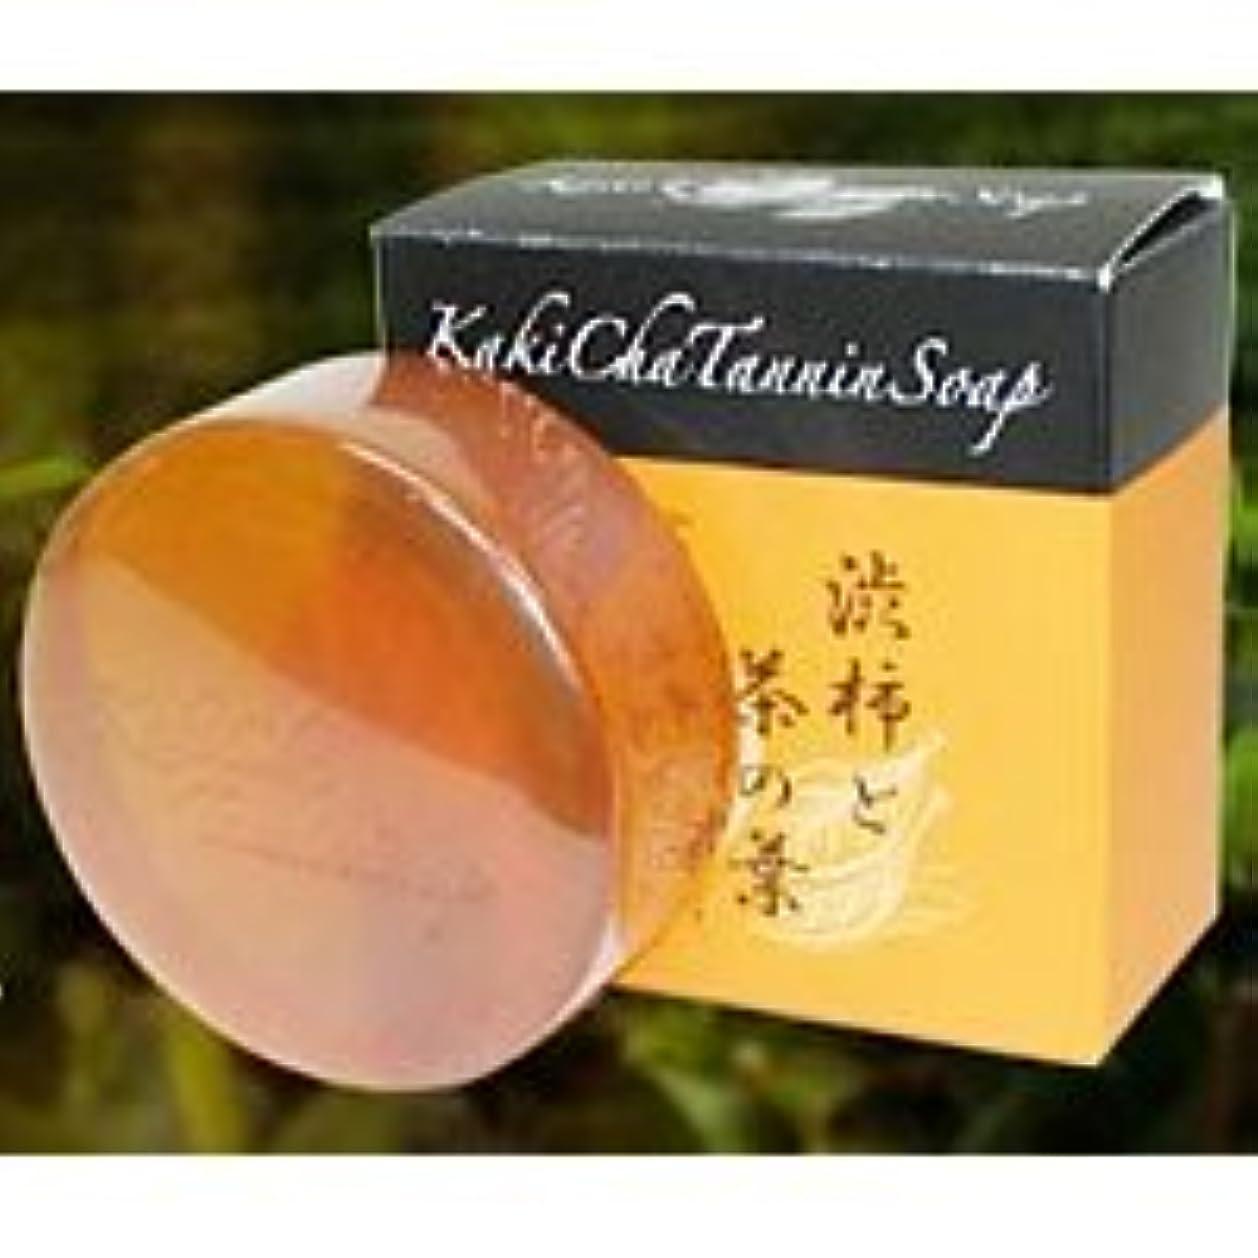 許すダイエットダルセットカキチャタンニンソープ 安心の日本製 カキチャタンニンソープ (マイルドクリアソープ) カキチャ タンニンソープ 柿渋ソープ